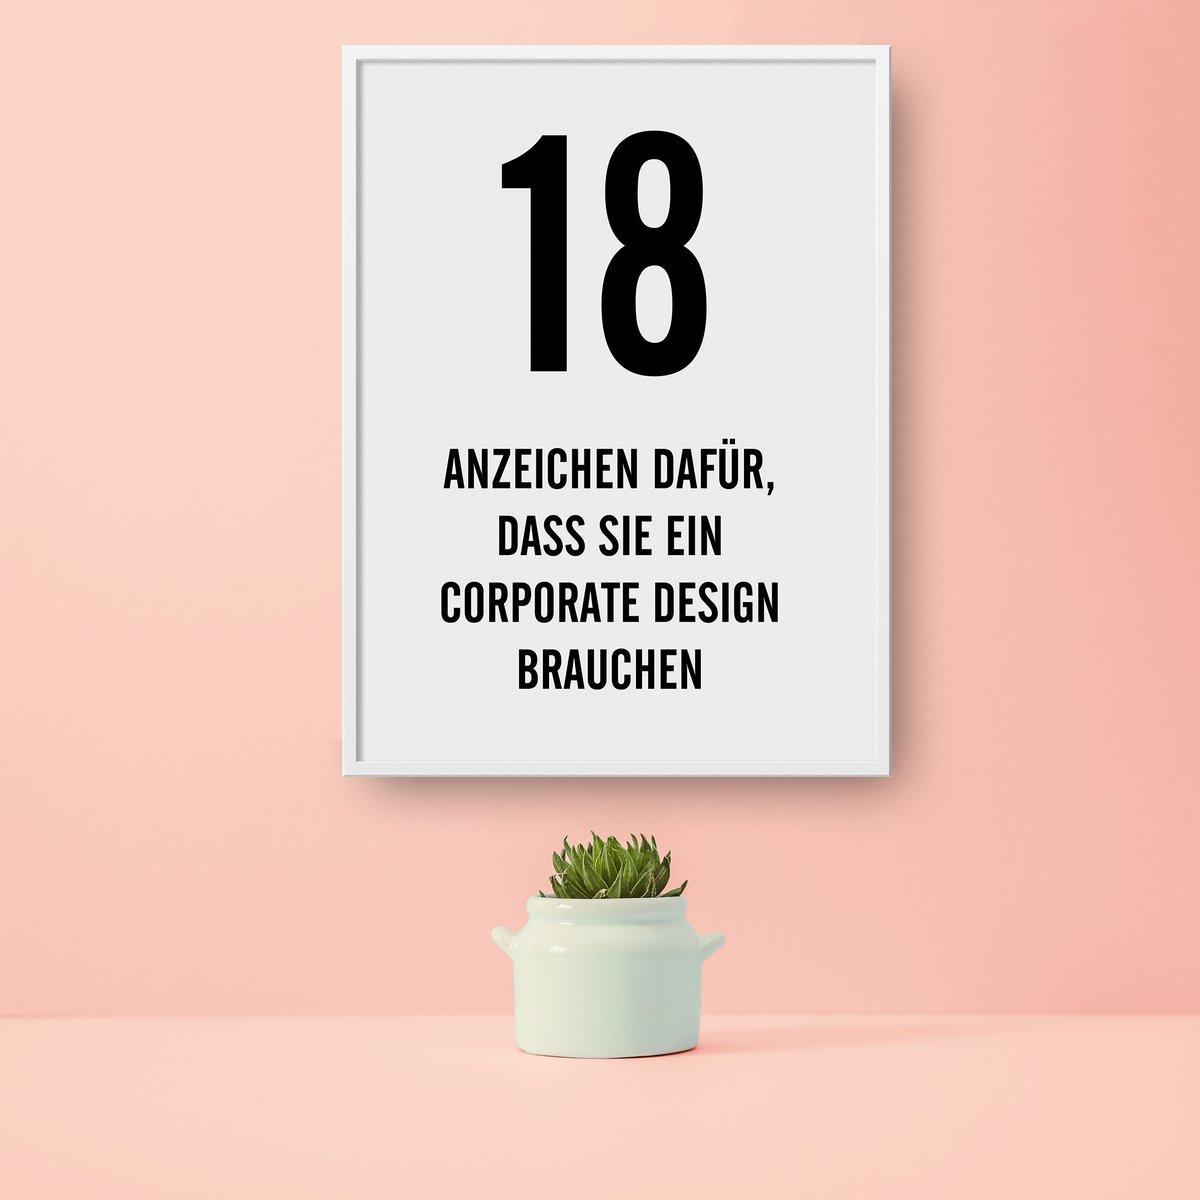 18 Anzeichen dafür, dass Sie ein Corporate Design brauchen:  #logo #corporatedesign #design #marke #wirtschaft #kmu #startup #logodesign #kreativ #corporateidentity